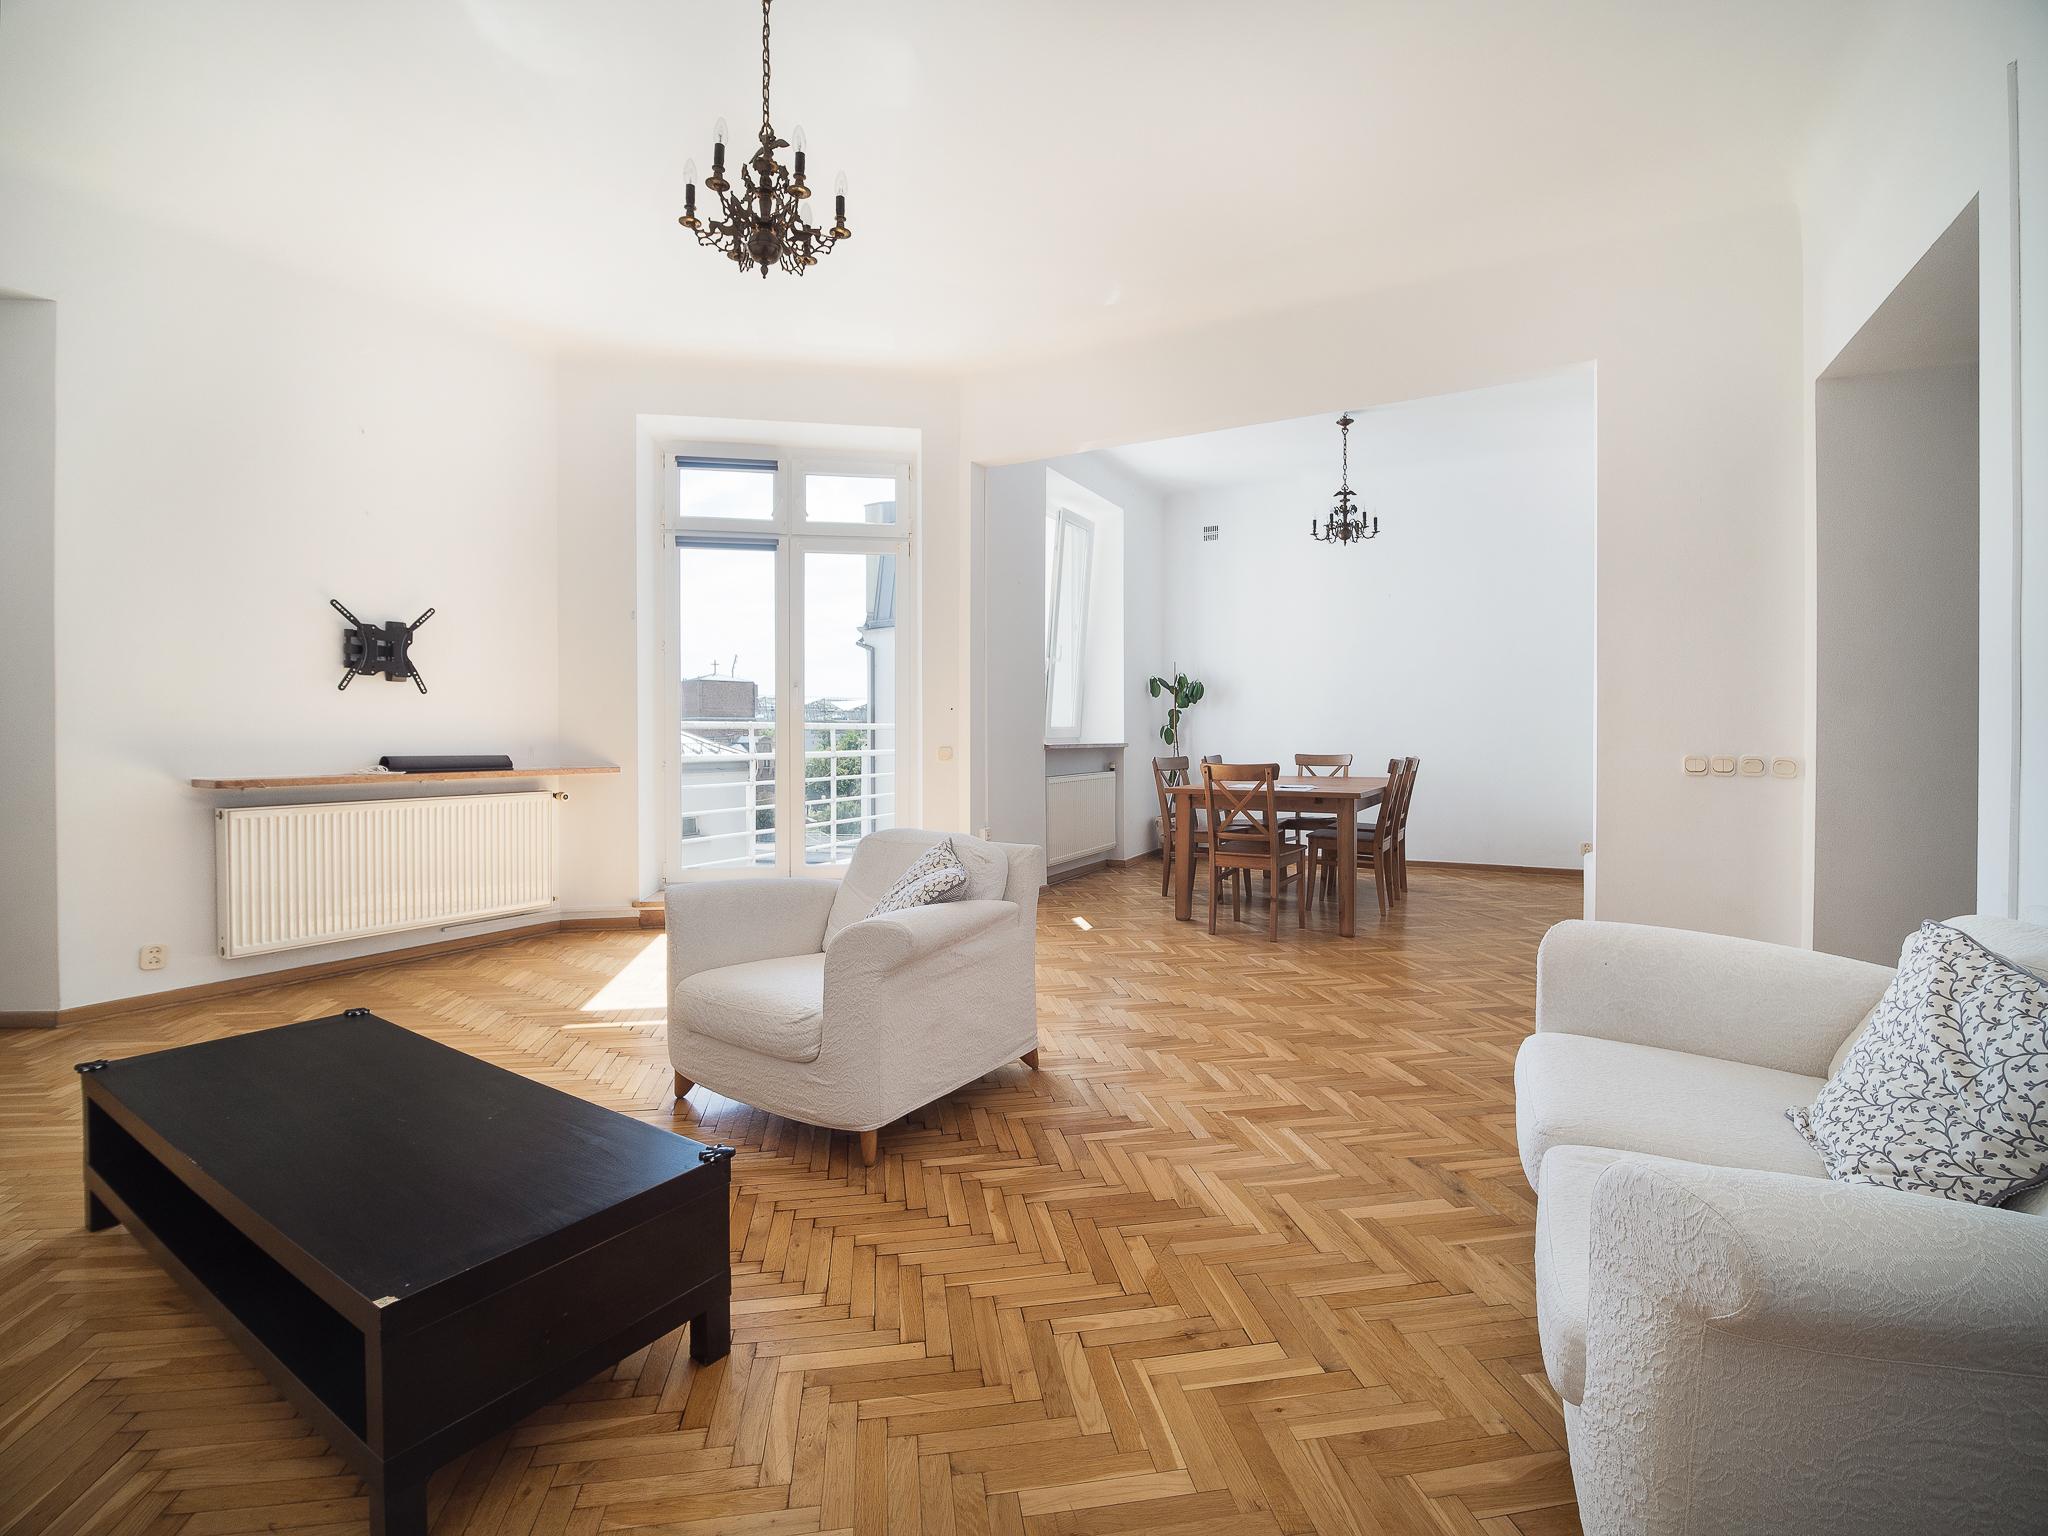 Apartament na warszawskim powiślu w kamienicy do sprzedaży